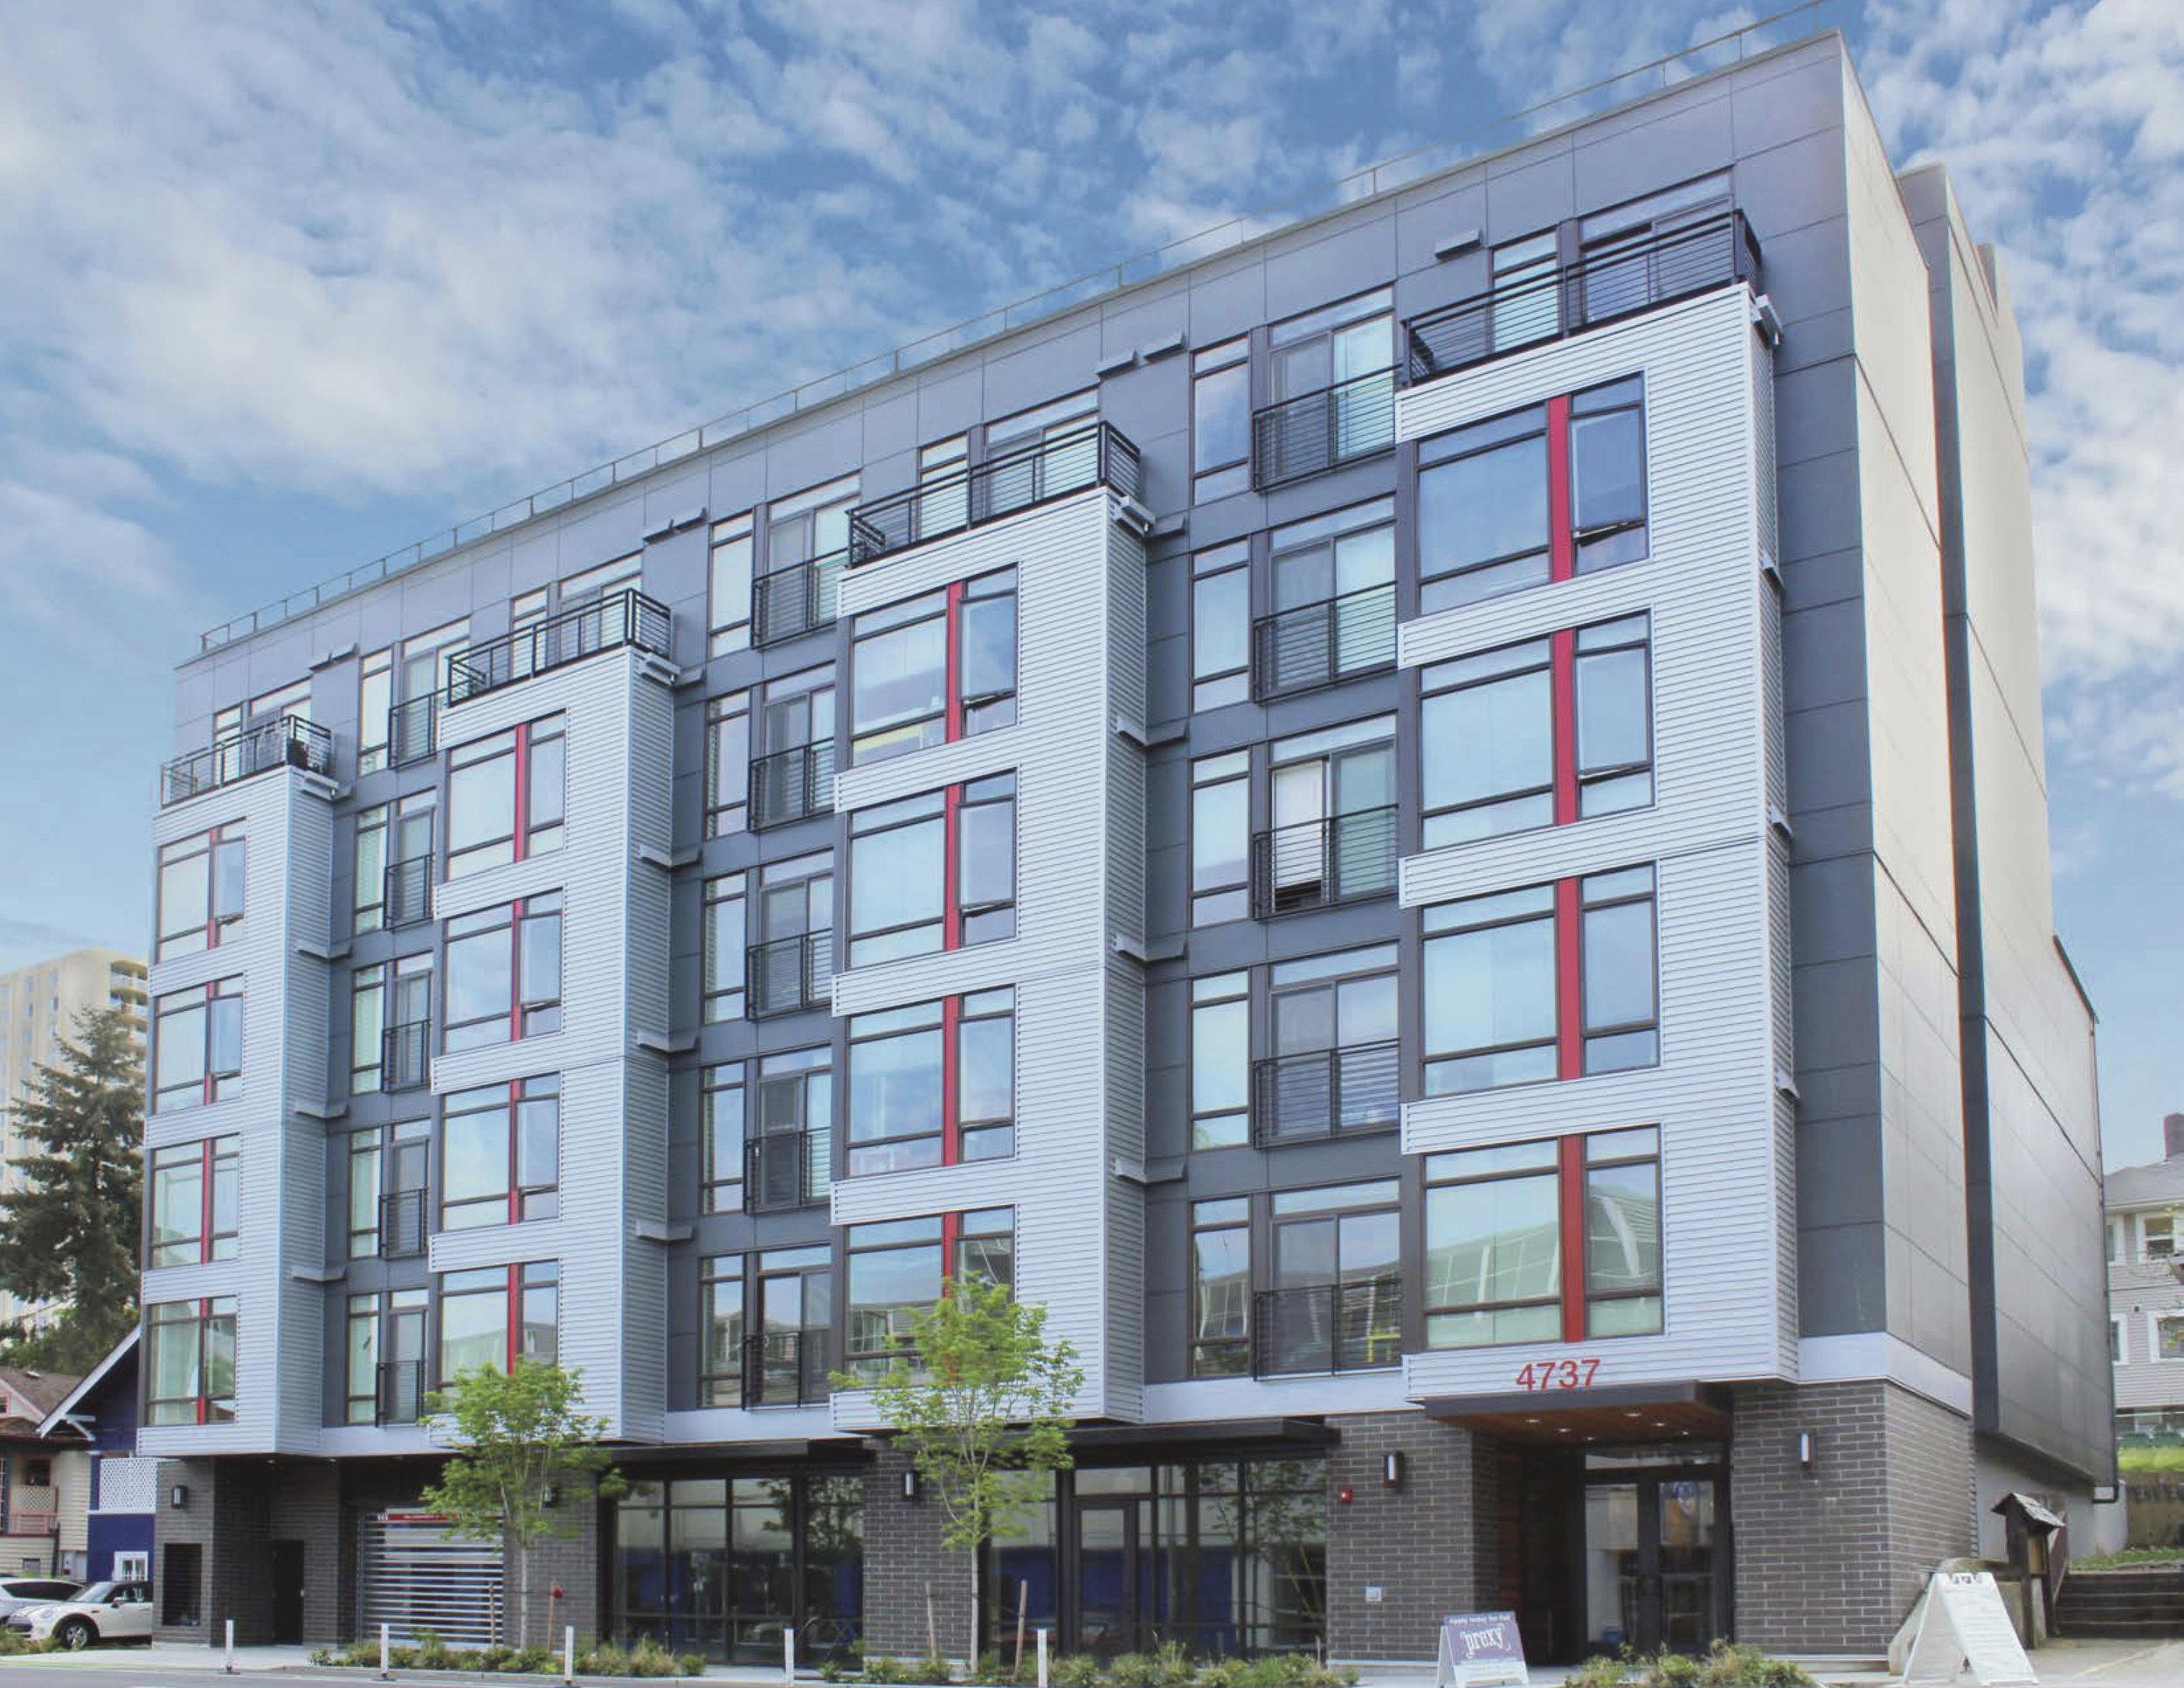 66单元出租公寓 | $2150 万成交